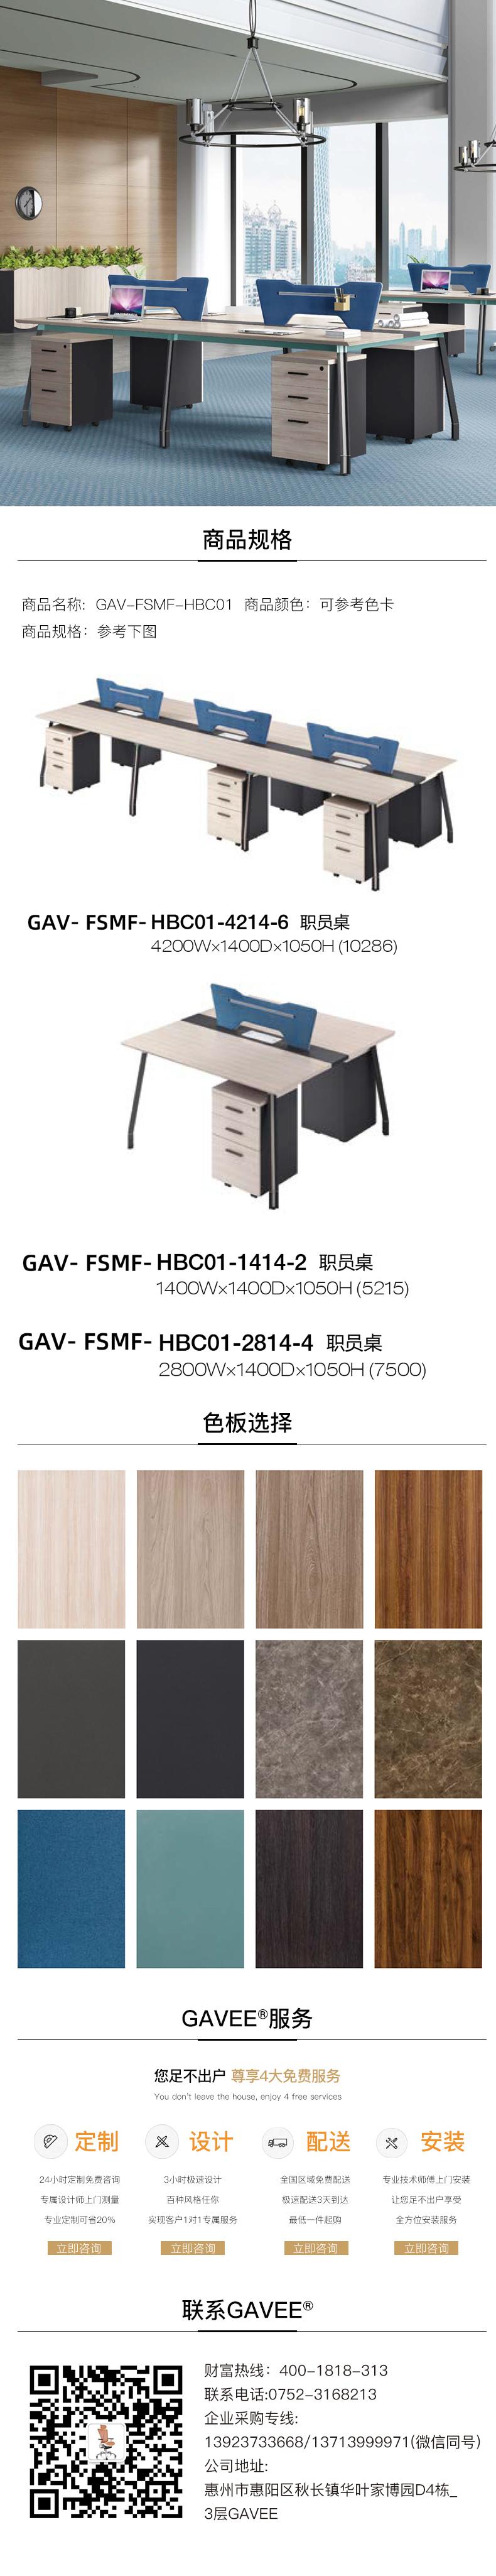 開放辦公系統GAV-FSMF-HBC01.jpg